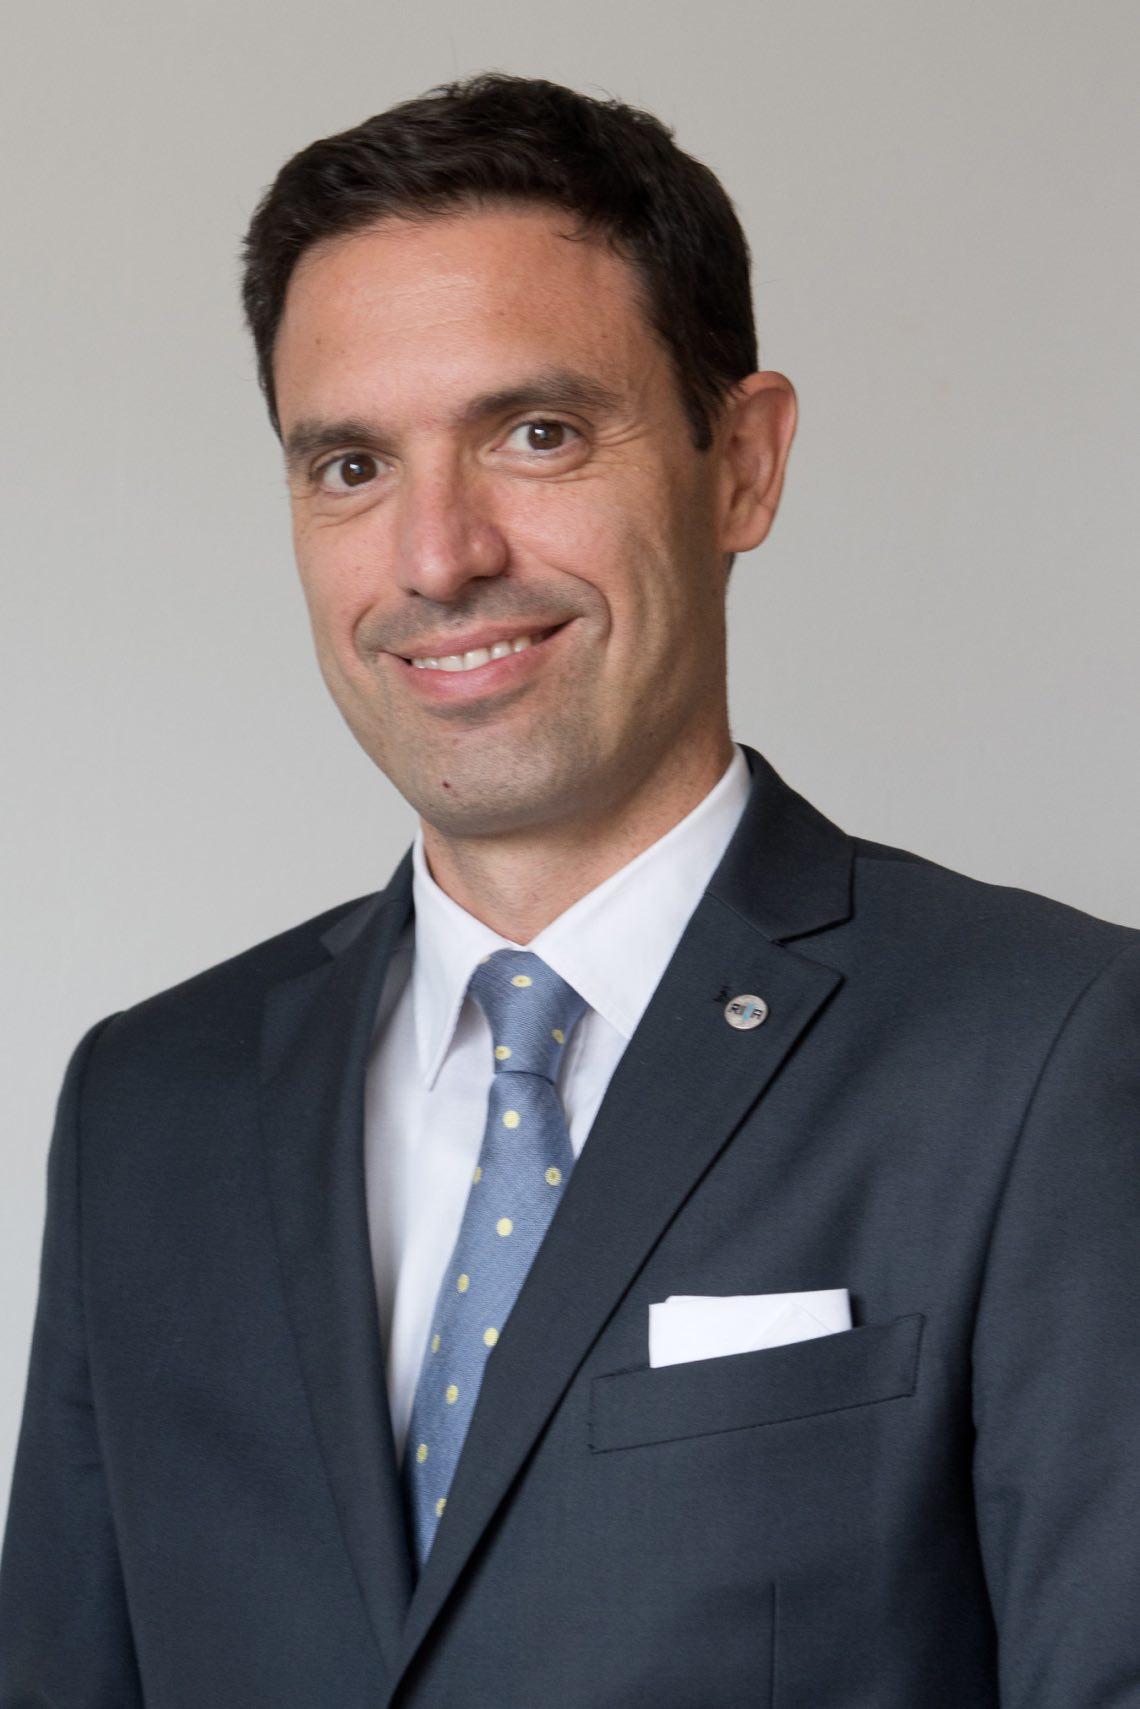 Francesco Medri